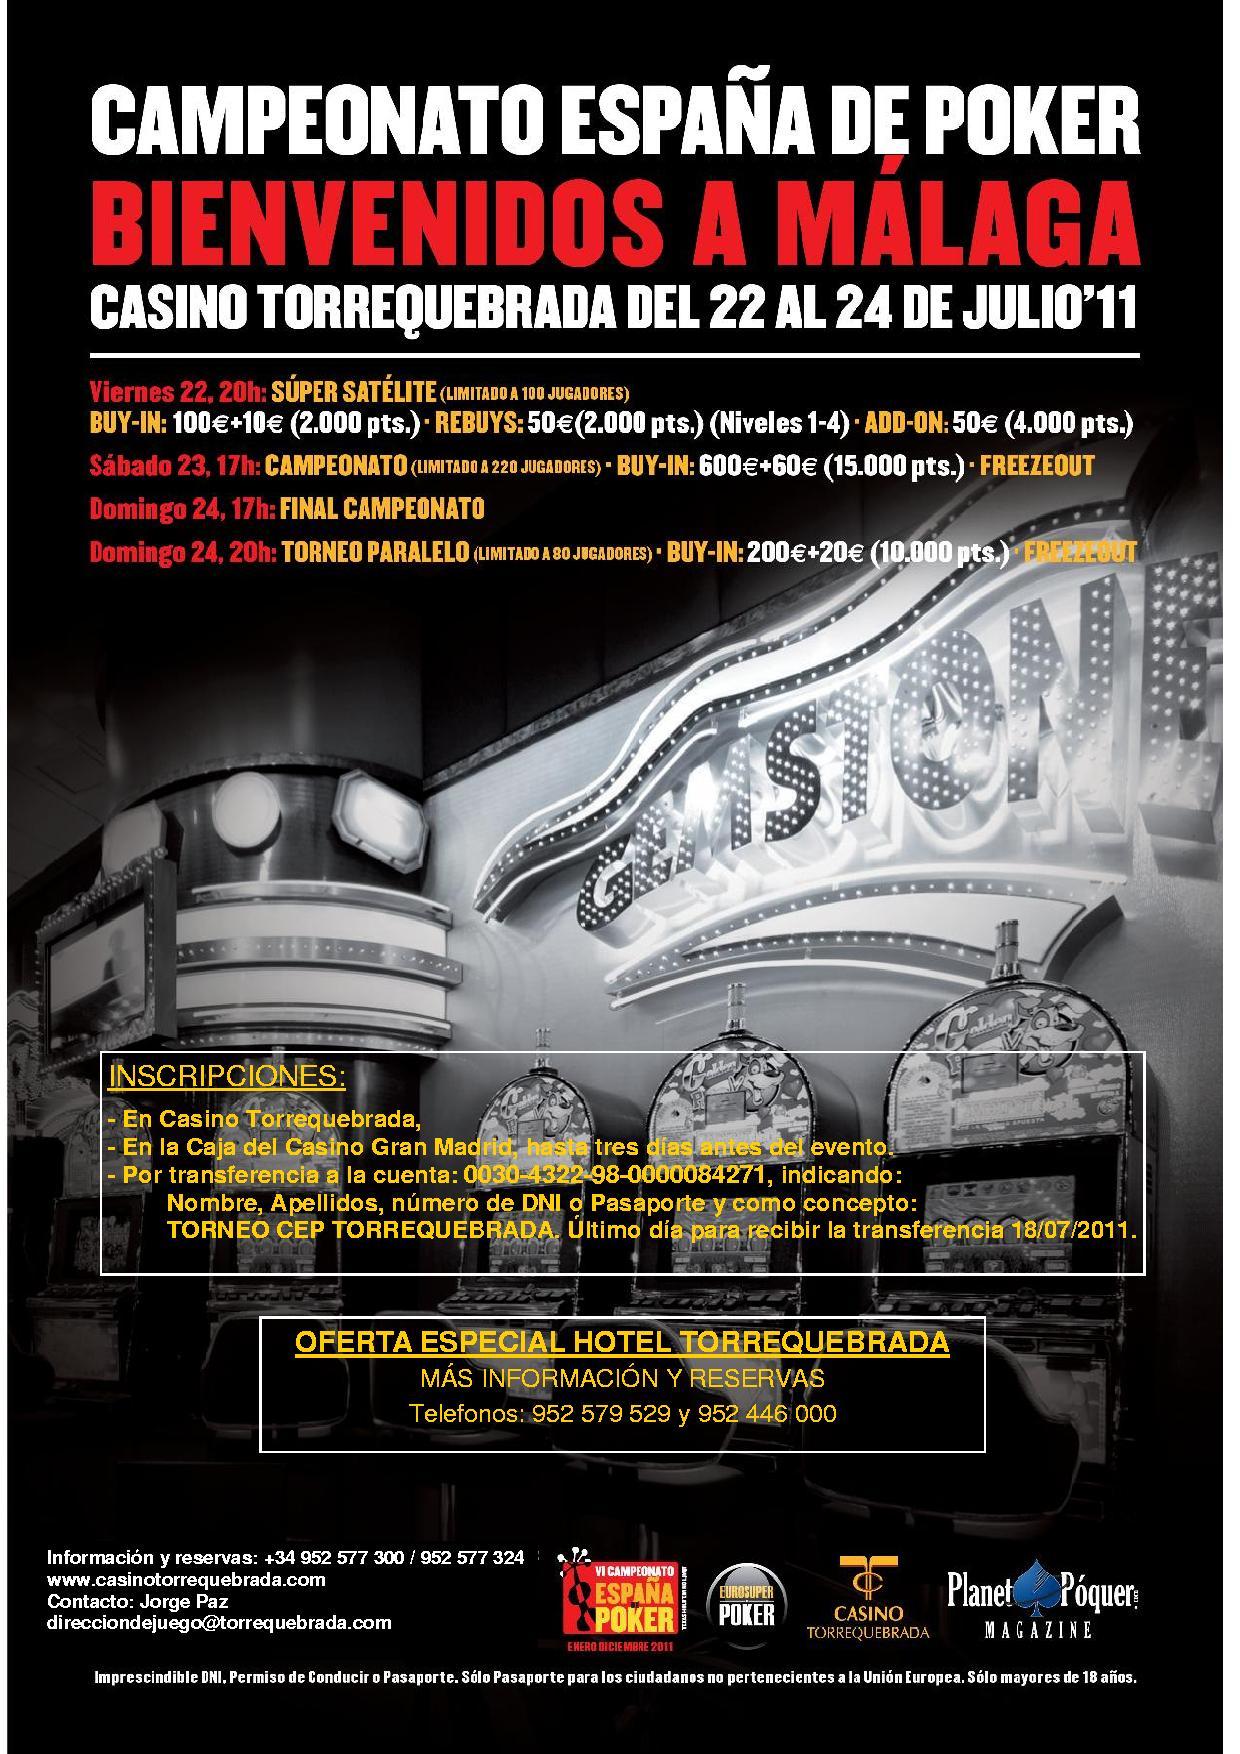 Seneca niagara casino poker los resultados del torneo